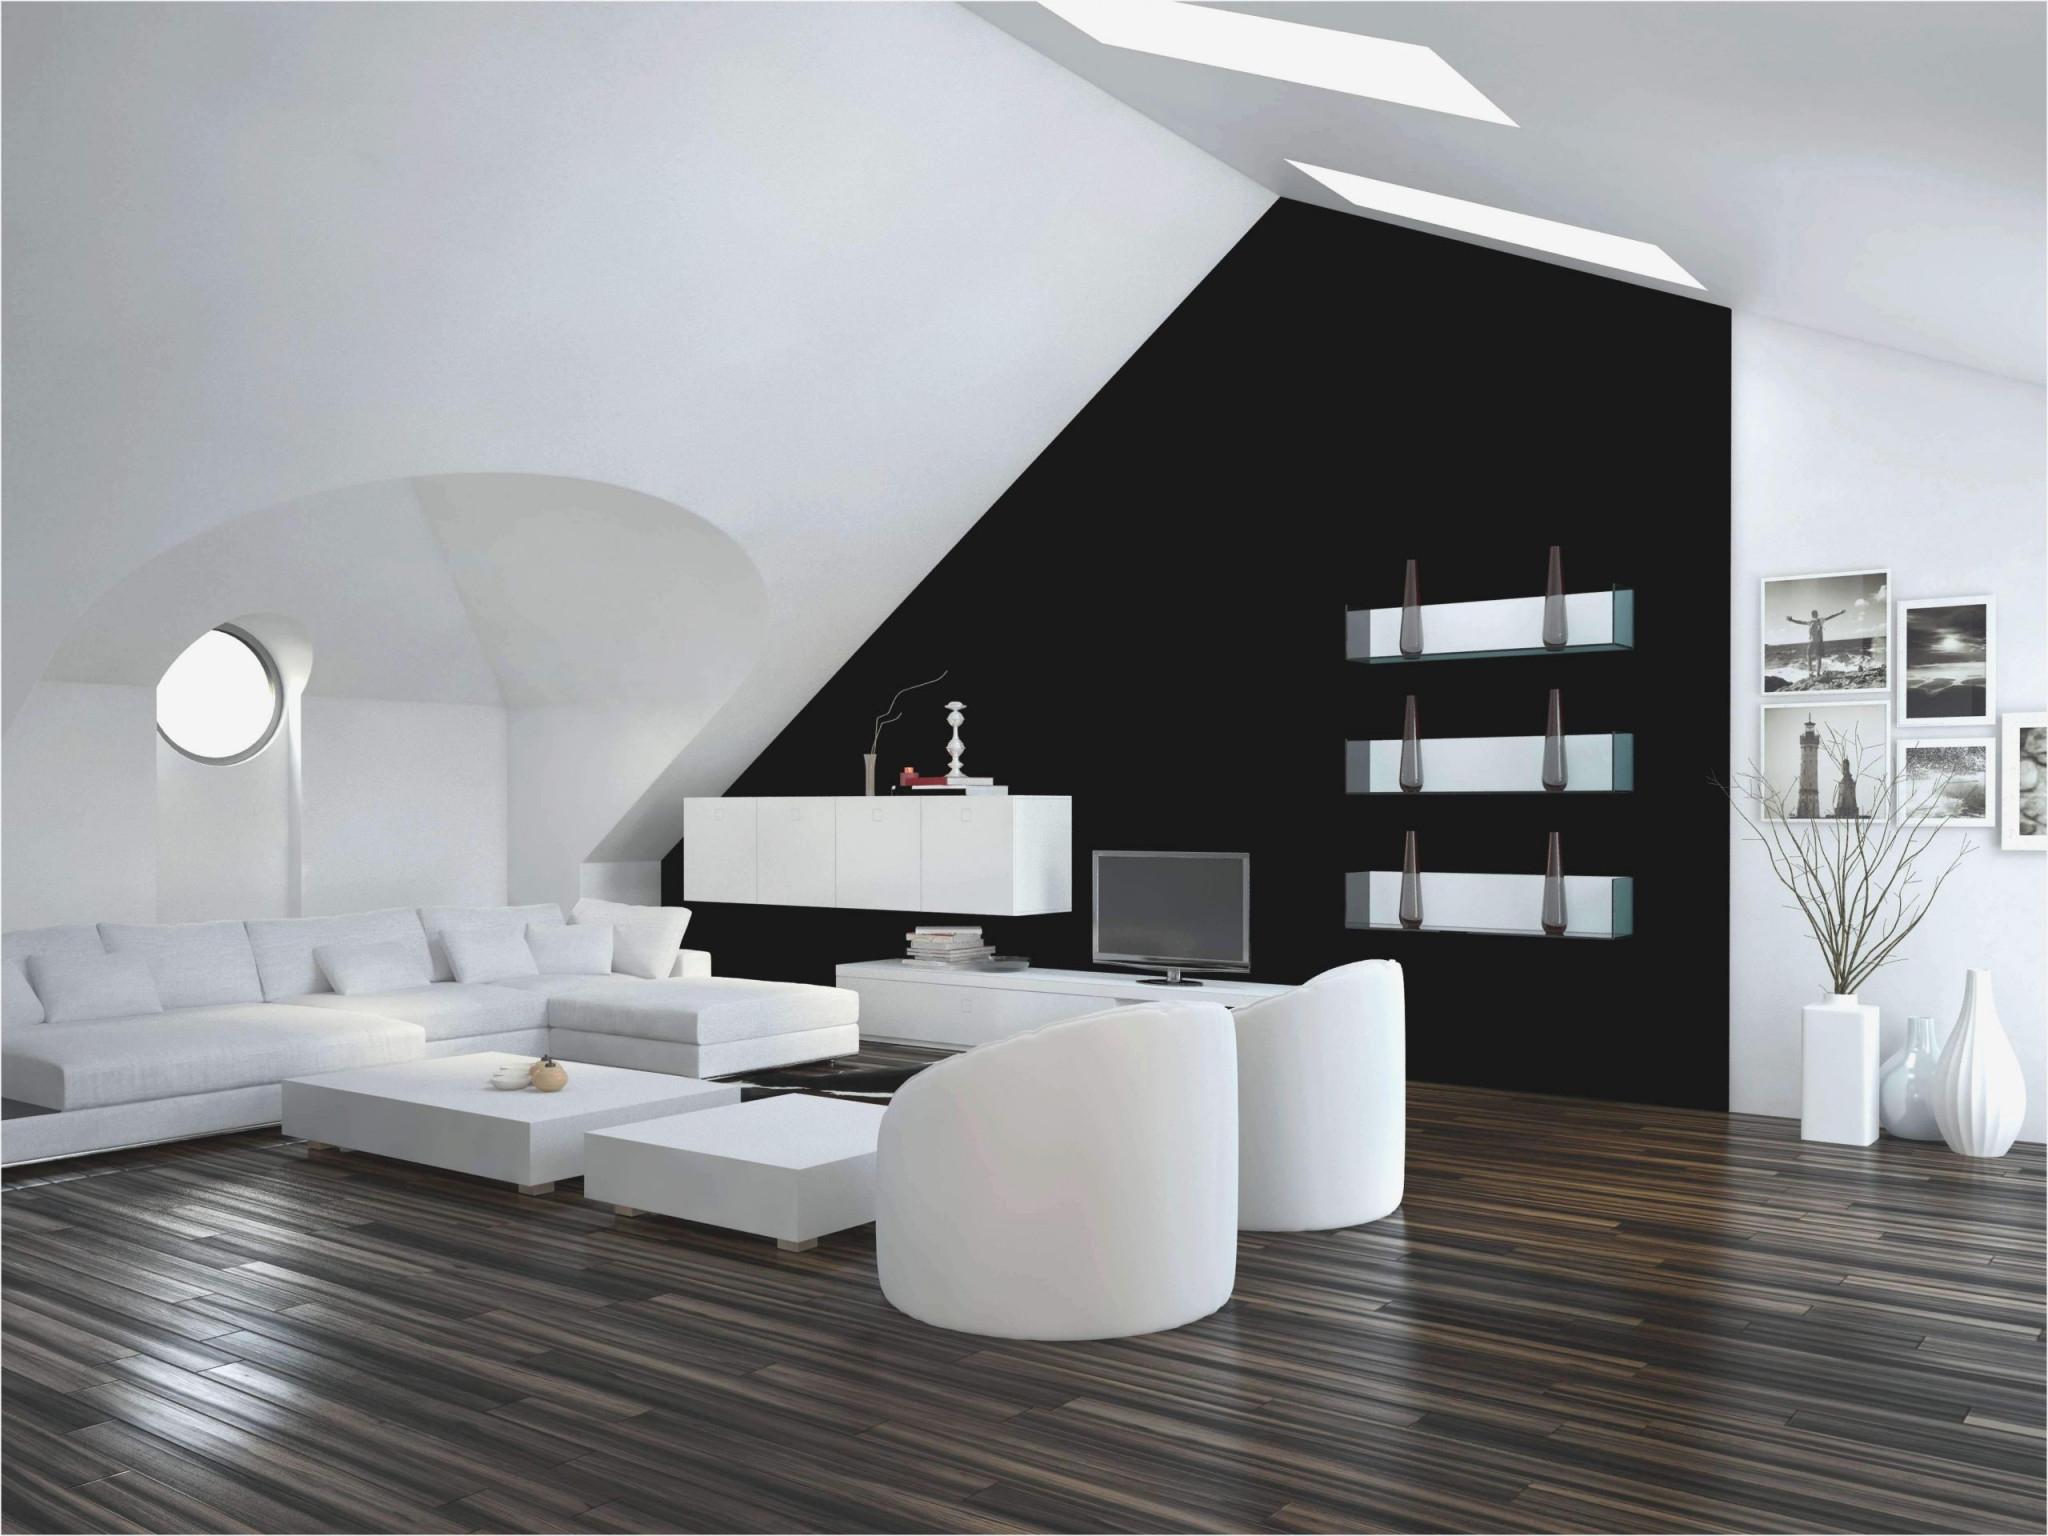 Deko Wohnzimmer Weiß Und Silber  Wohnzimmer  Traumhaus von Wohnzimmer Deko Weiss Silber Photo